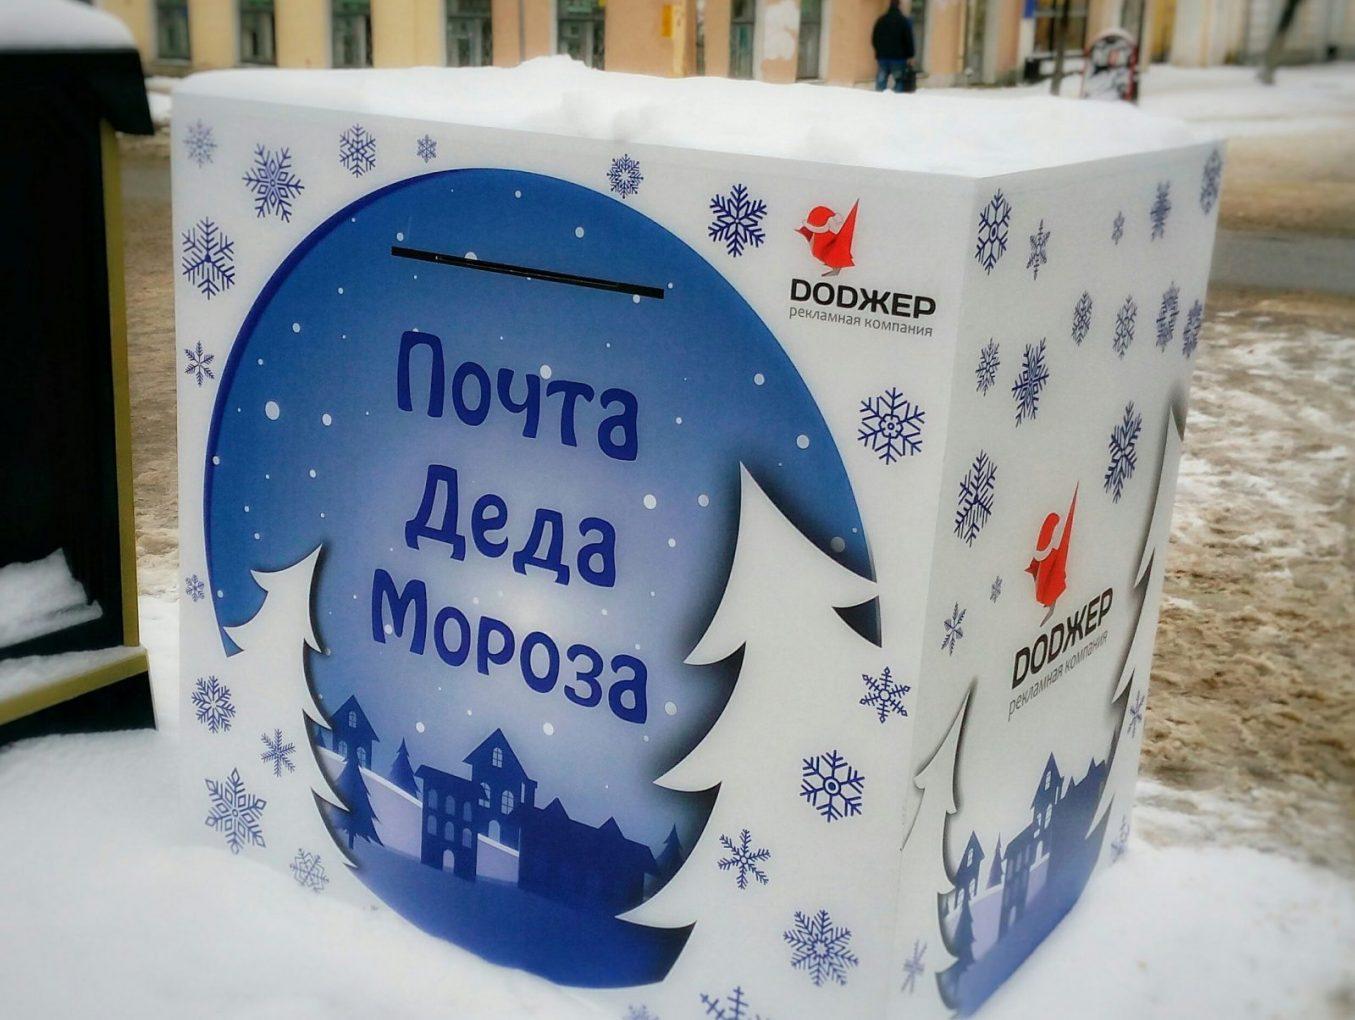 В преддверии нового года, на улицах города стала работать почта деда мороза